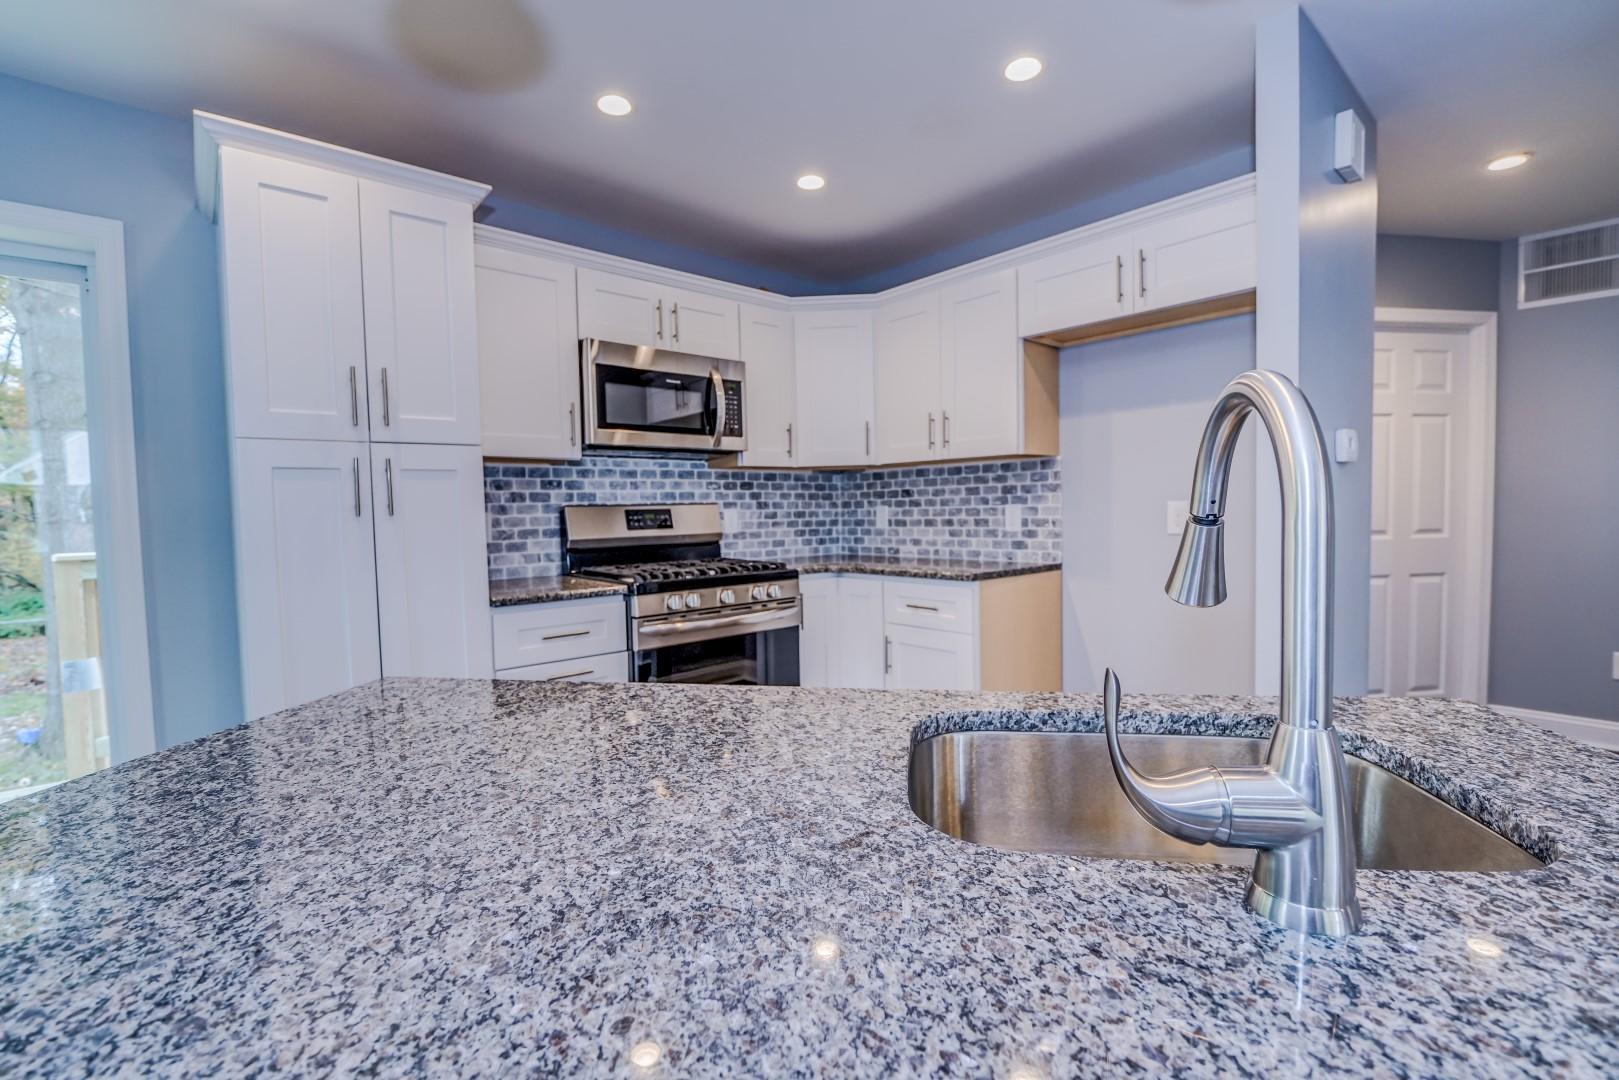 1008 Elmwood Ave Blackwood NJ 08012 | Blackwood NJ Homes For Sale